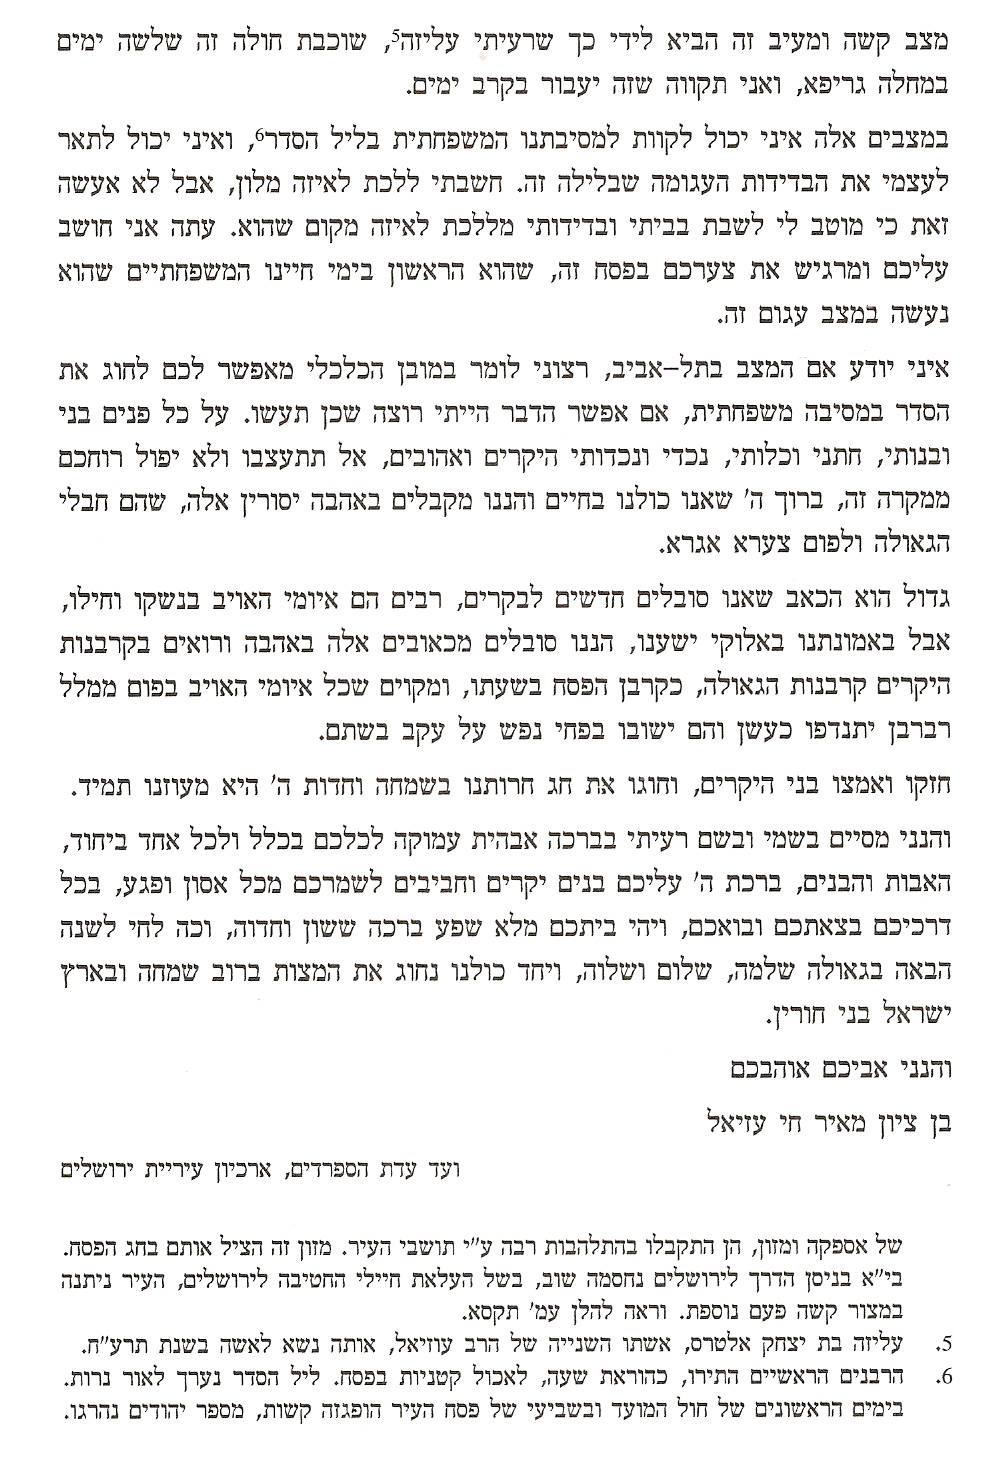 מכתב מירושלים הנצורה2